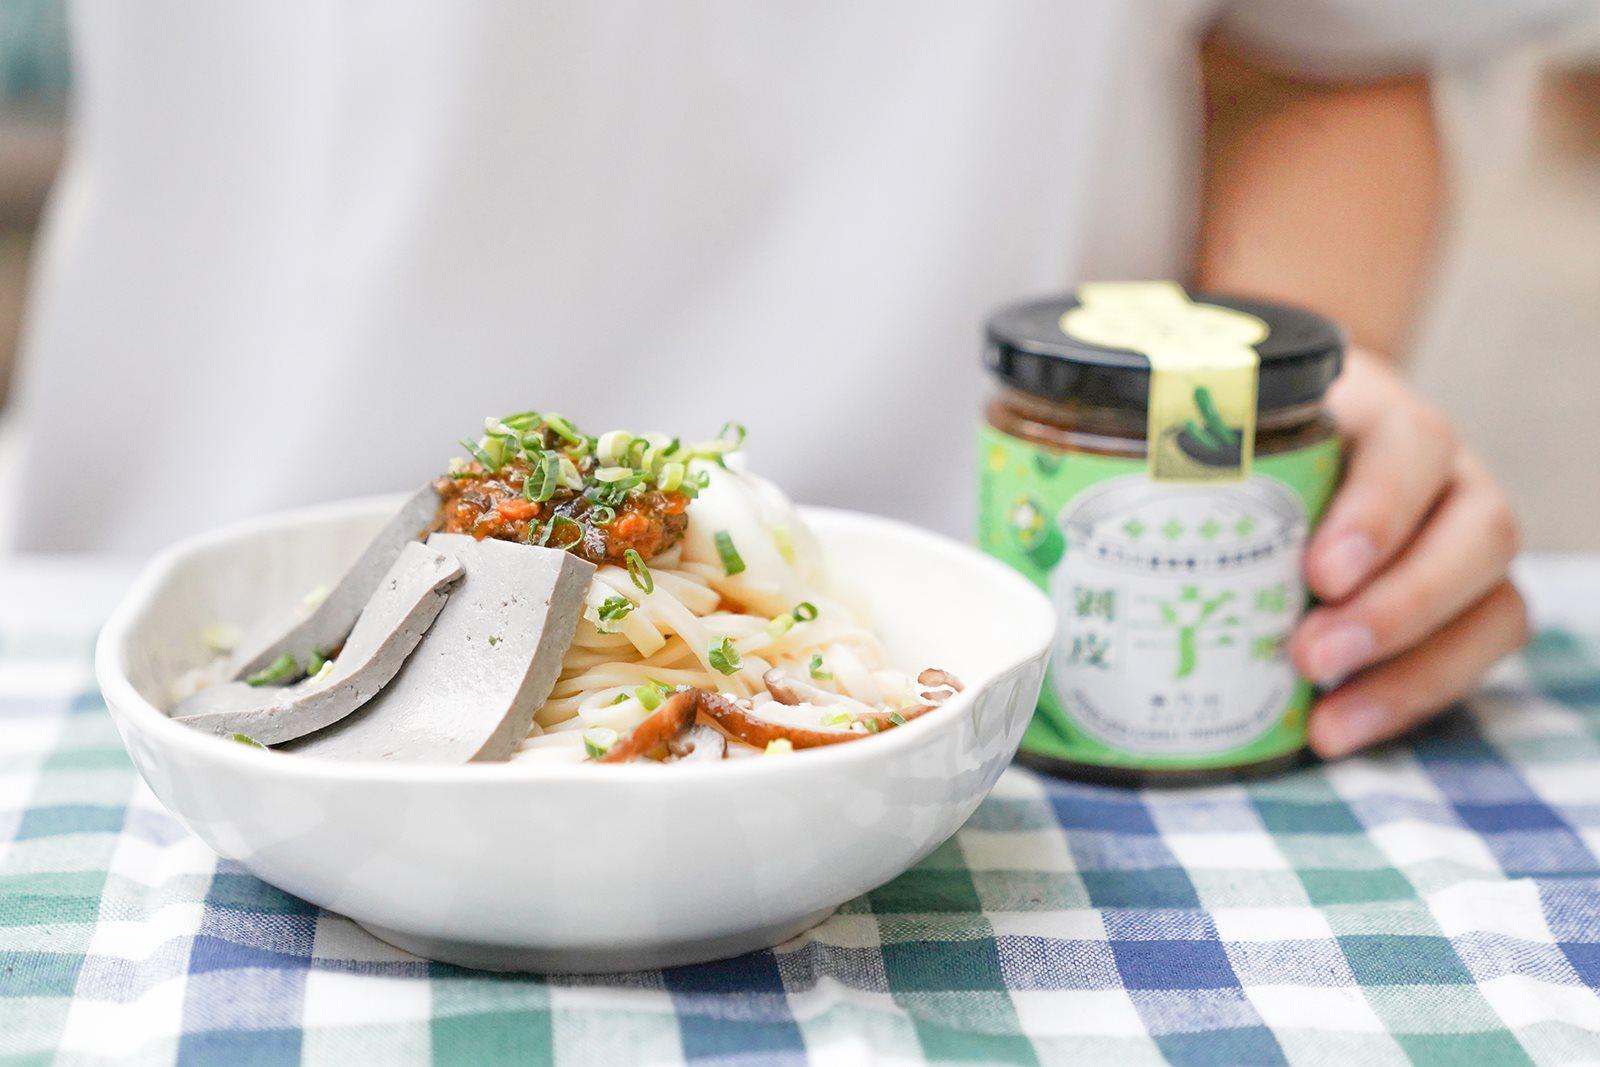 剝皮辛味噌豆腐拌麵,正餐與消夜都完美解決的極致好味|禾乃川小廚房